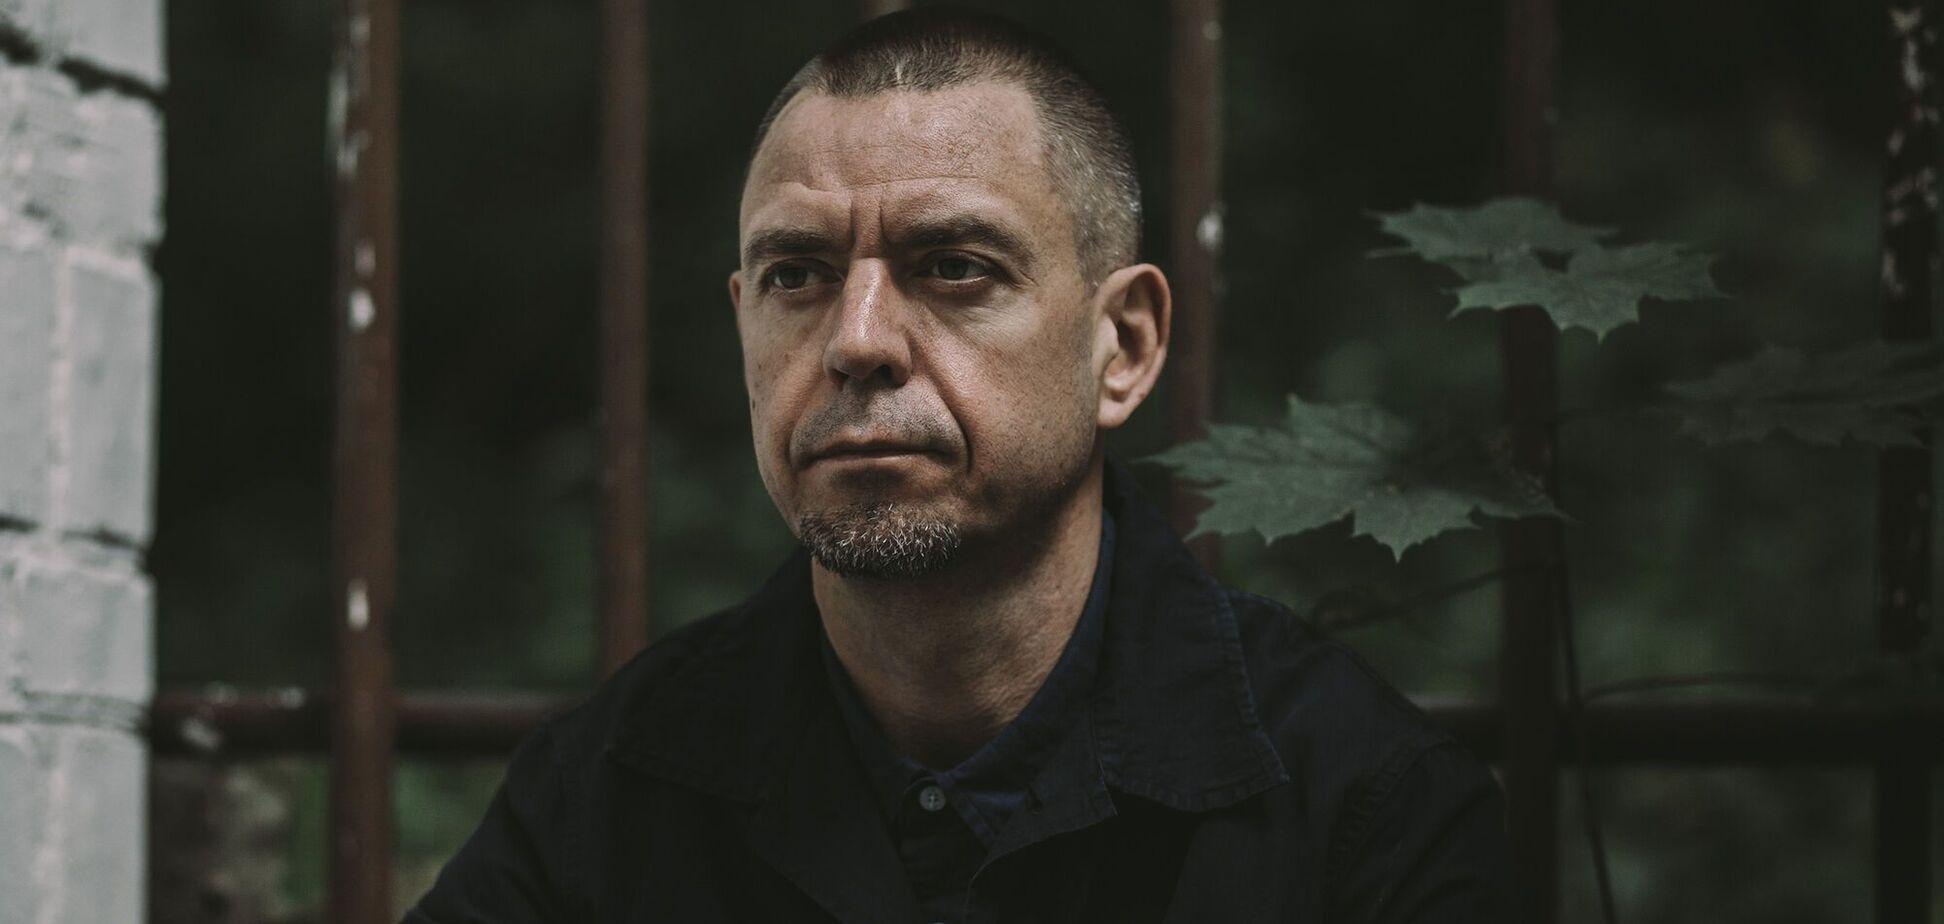 Міхалок заспівав українською мовою популярну народну пісню. Відео